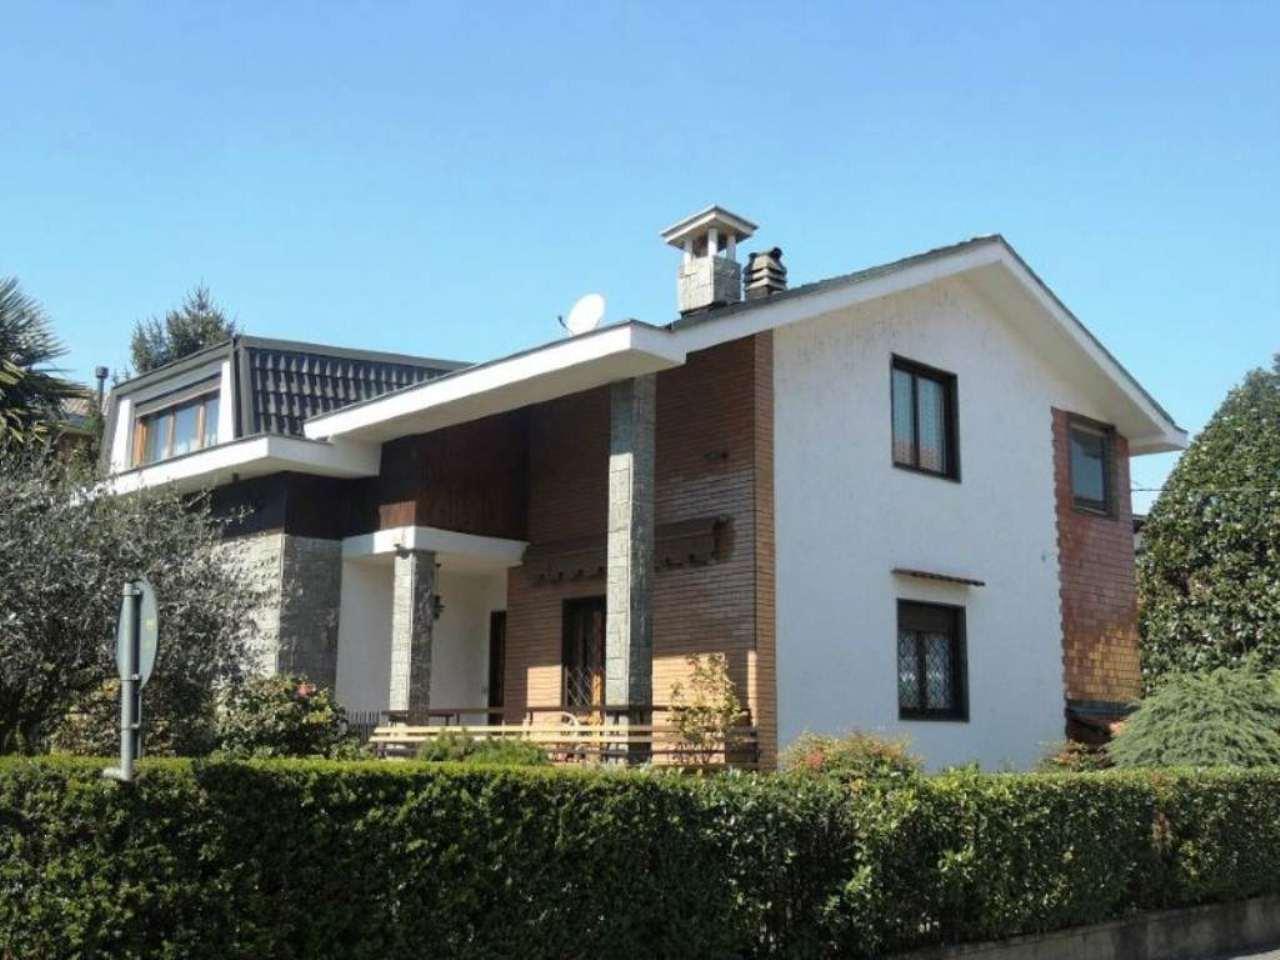 Villa in vendita a Collegno, 7 locali, prezzo € 459.000 | Cambio Casa.it